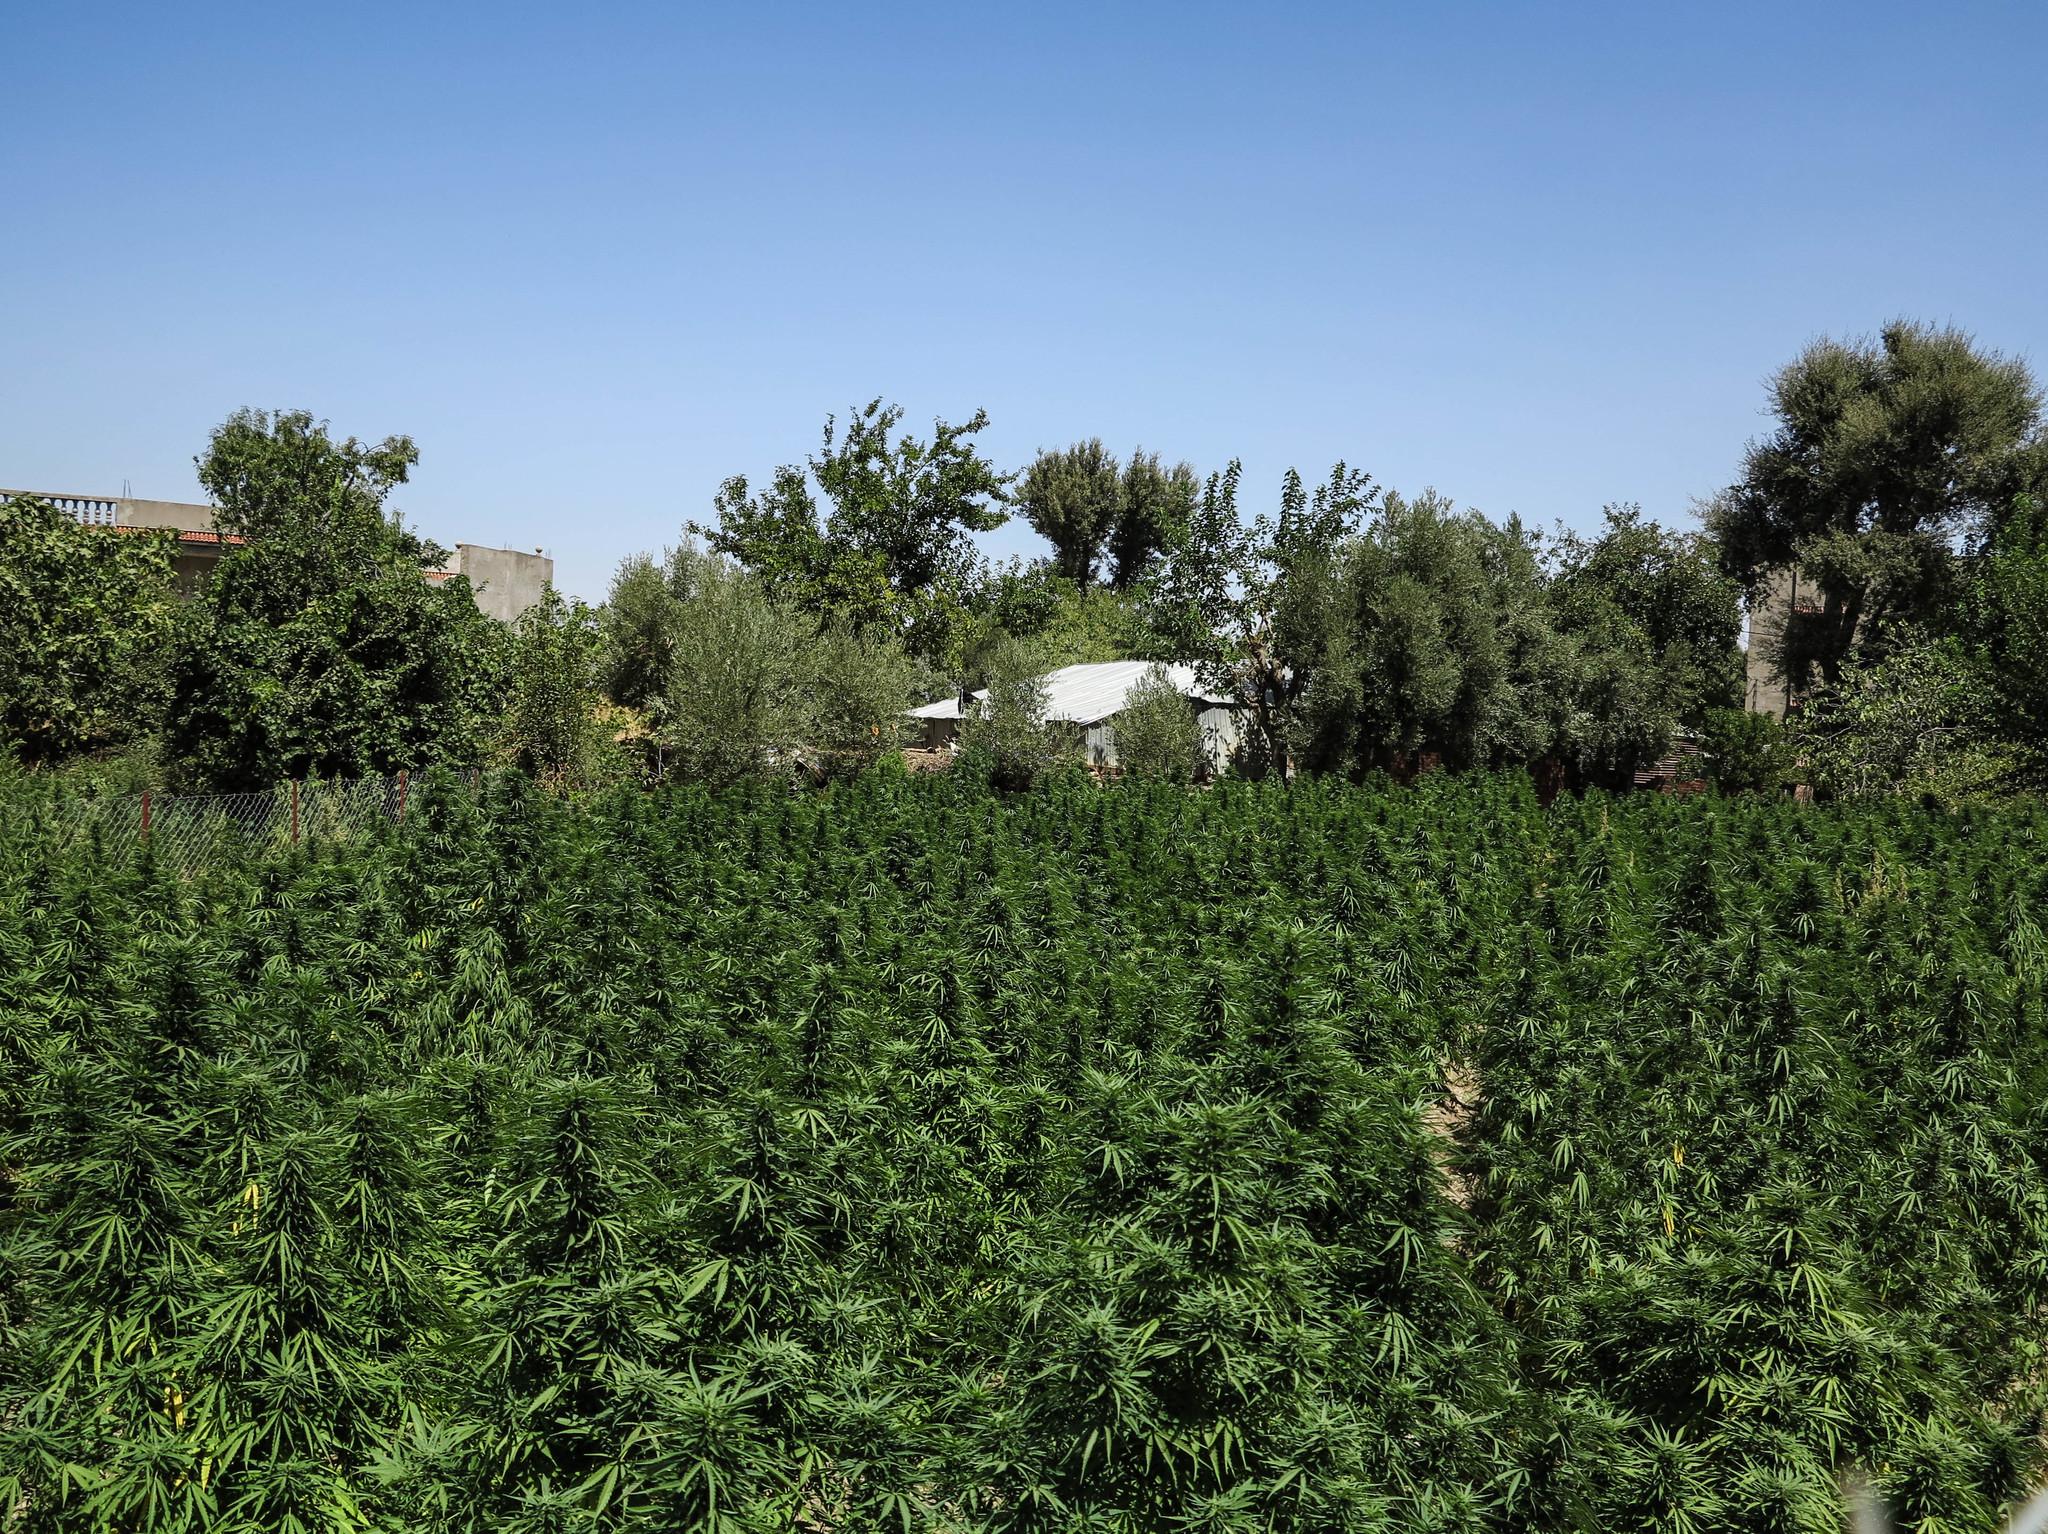 El negocio de los estupefacientes supone el 10% del PIB de Marruecos